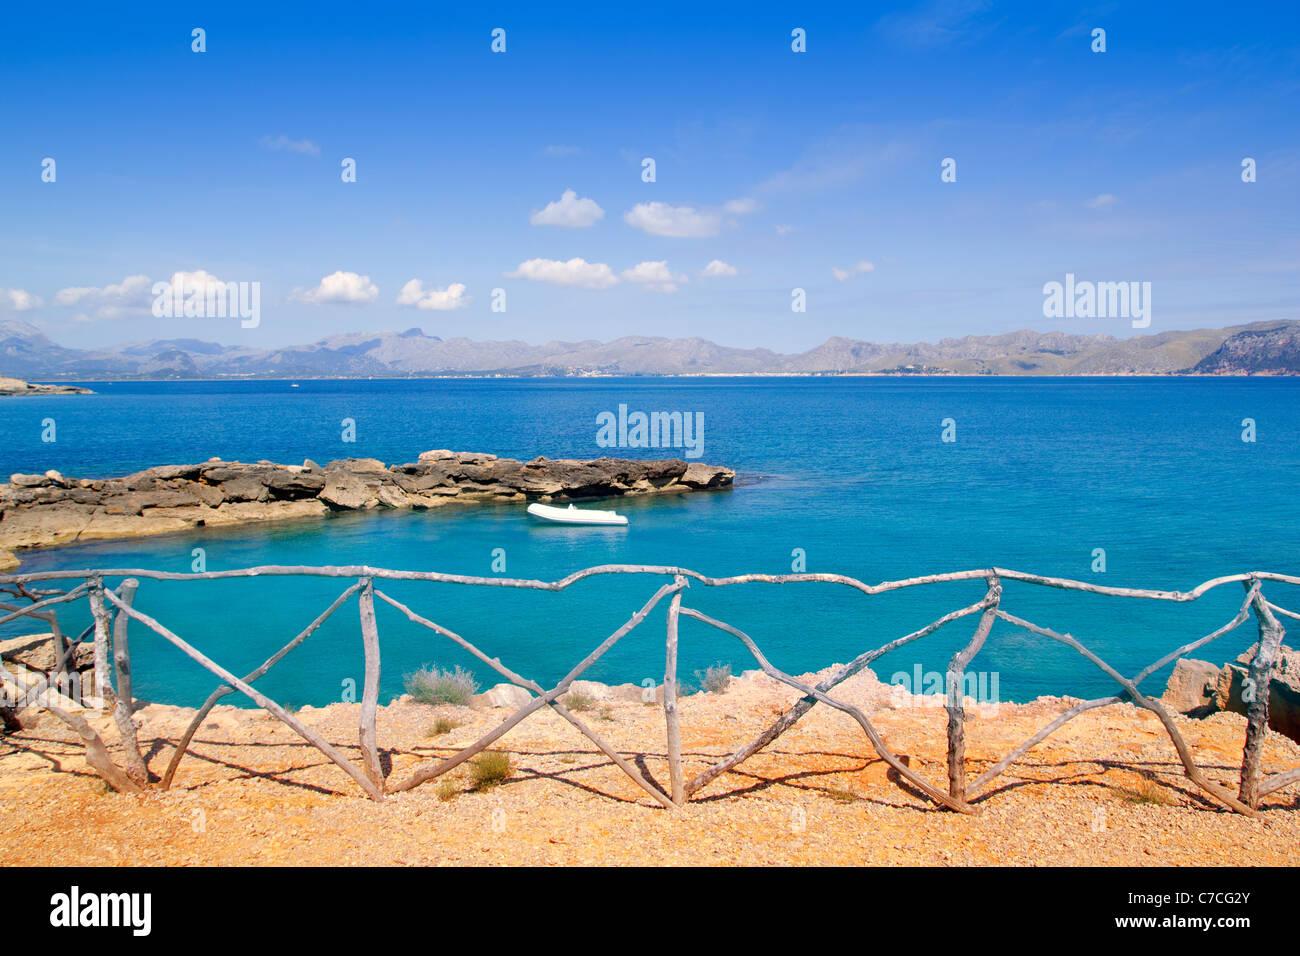 Alcudia à Majorque la Victoria près de plage turquoise s Illot de Îles Baléares Photo Stock